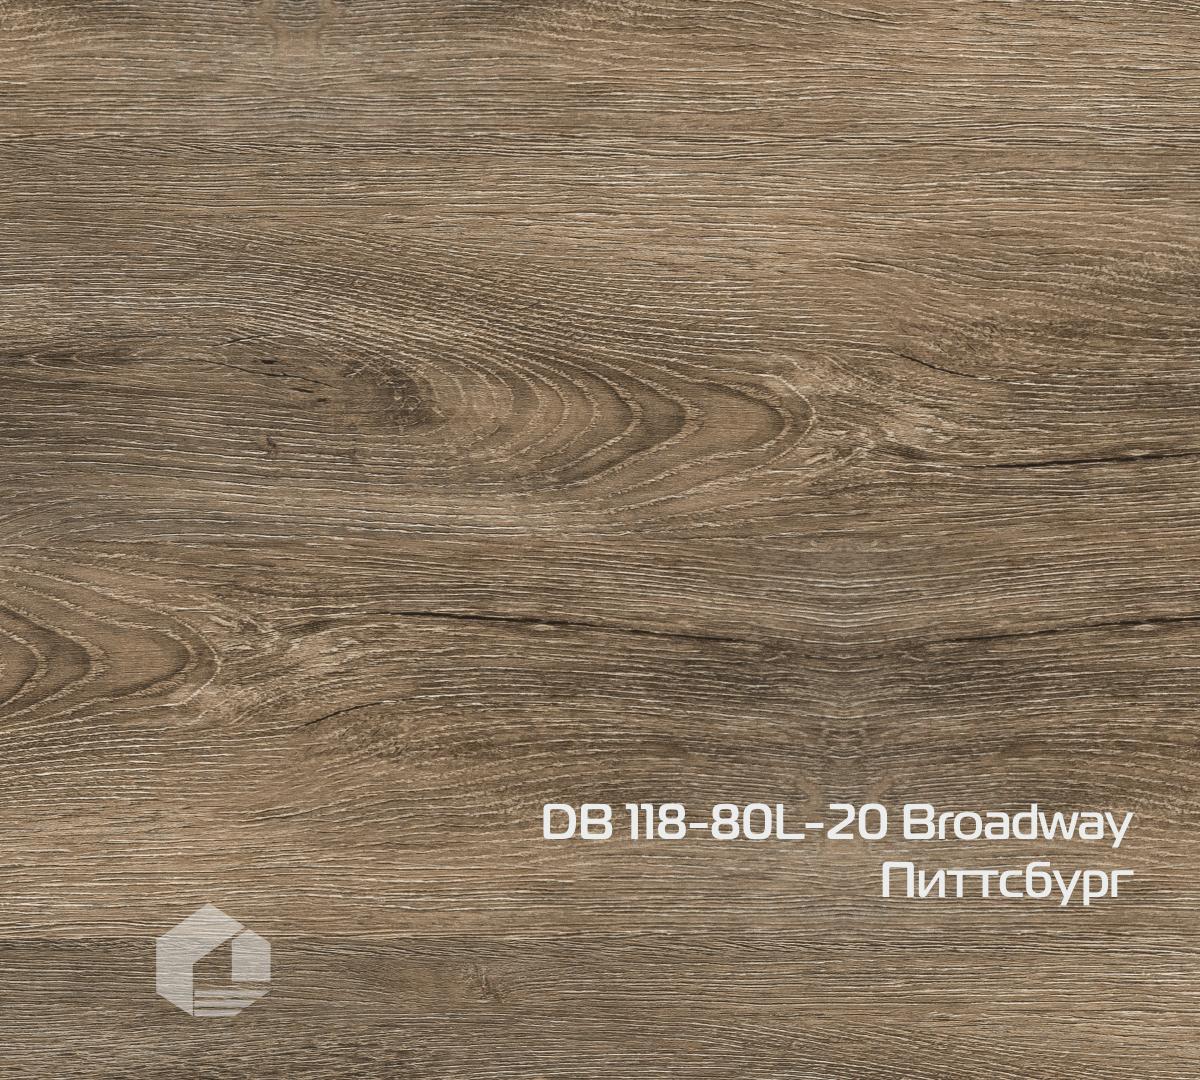 Кварцвиниловая плитка Wonderful Vinyl Floor Broadway DB 118-80L-20 Питтсбург